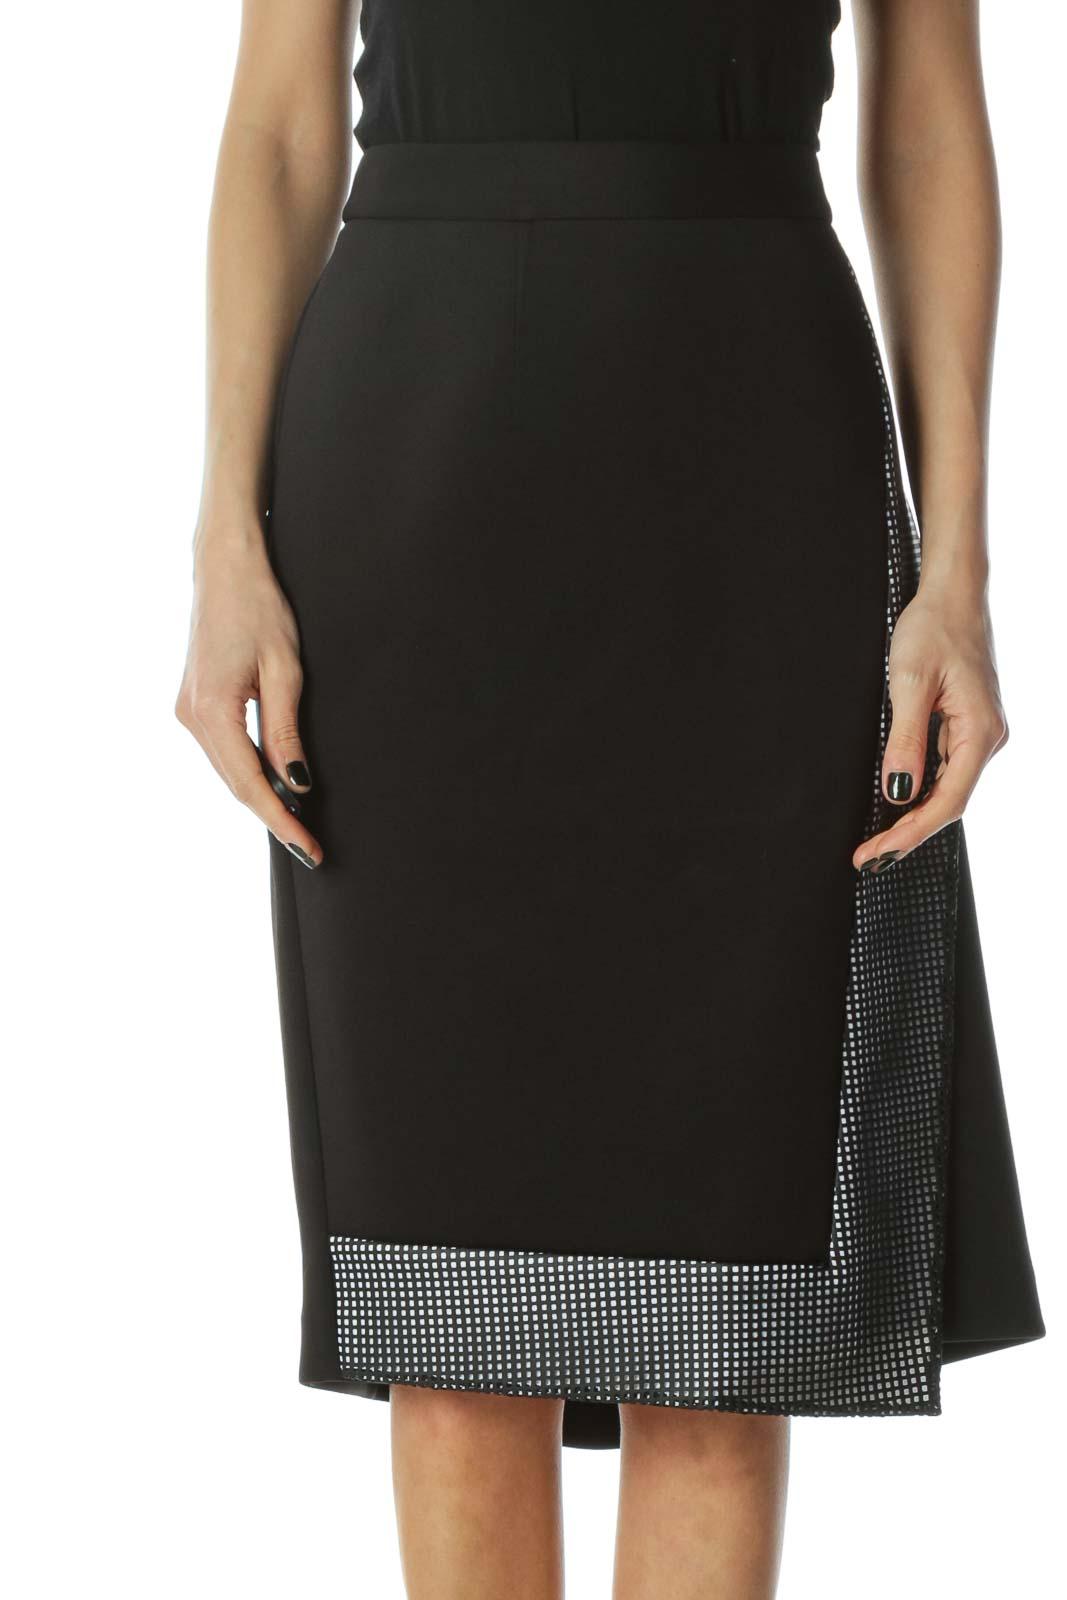 Black Asymemetric Skirt Front